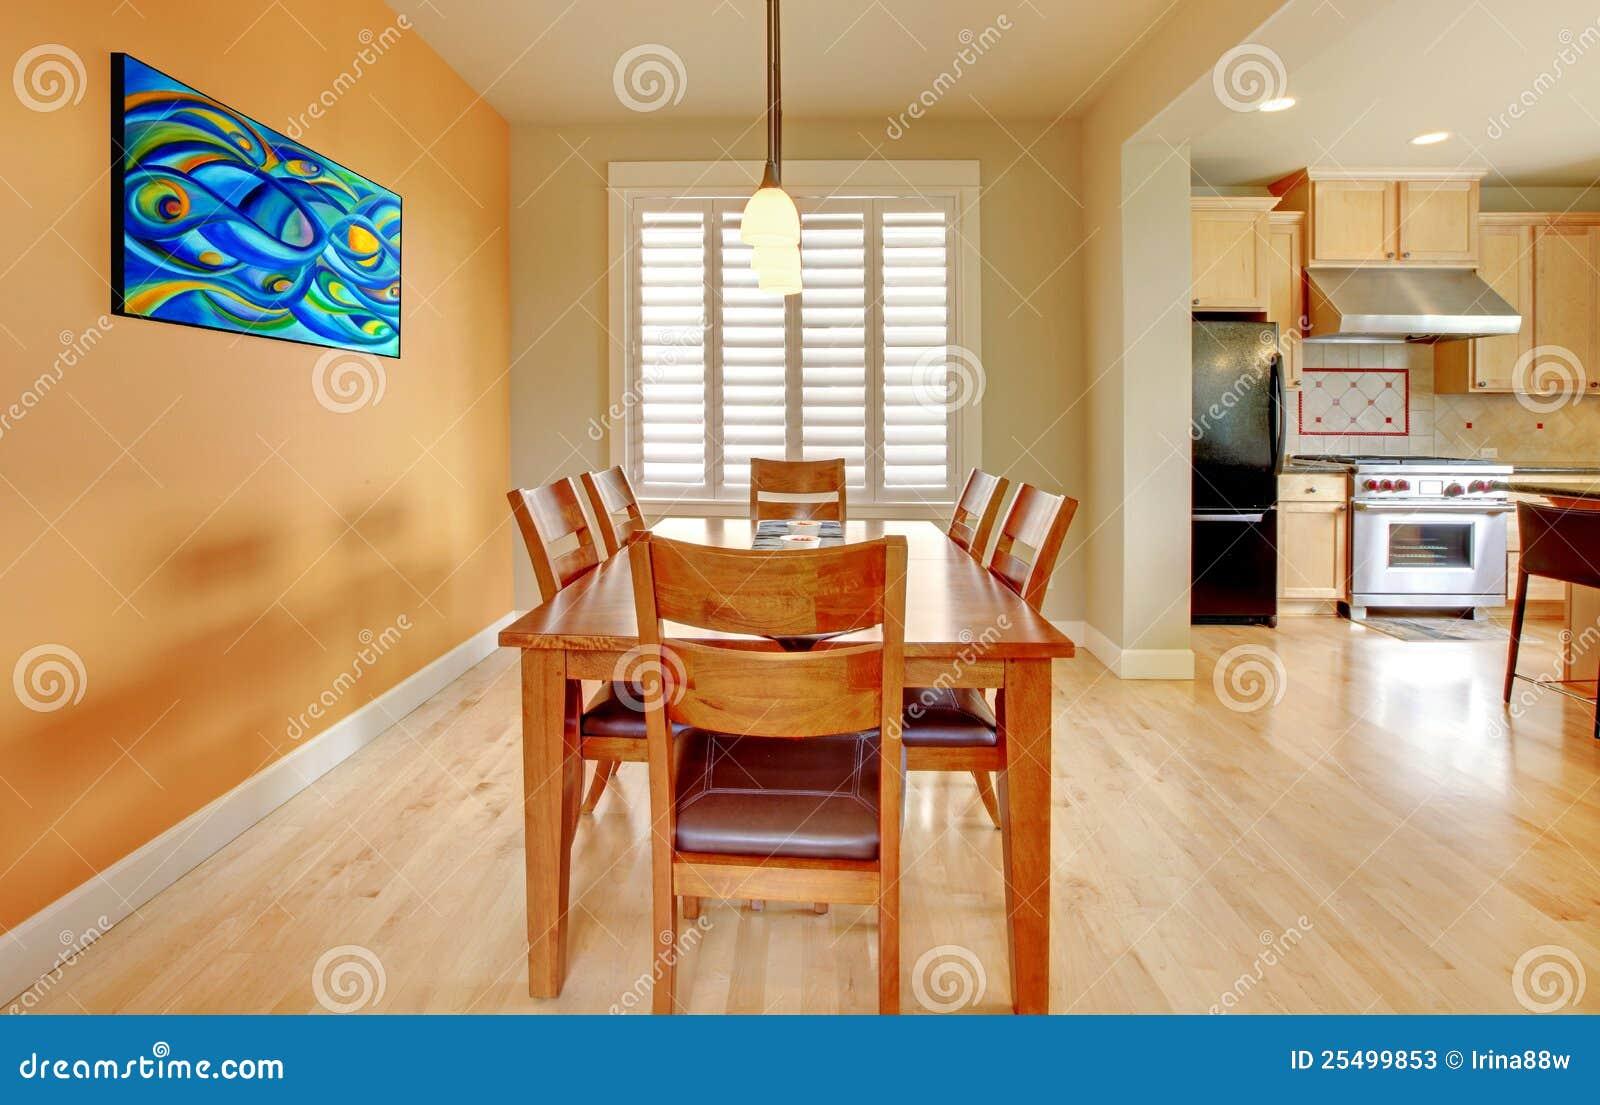 Oranje eetkamer met houten vloer en keuken stock foto 39 s afbeelding 25499853 - Meubilair outdoor houten keuken ...